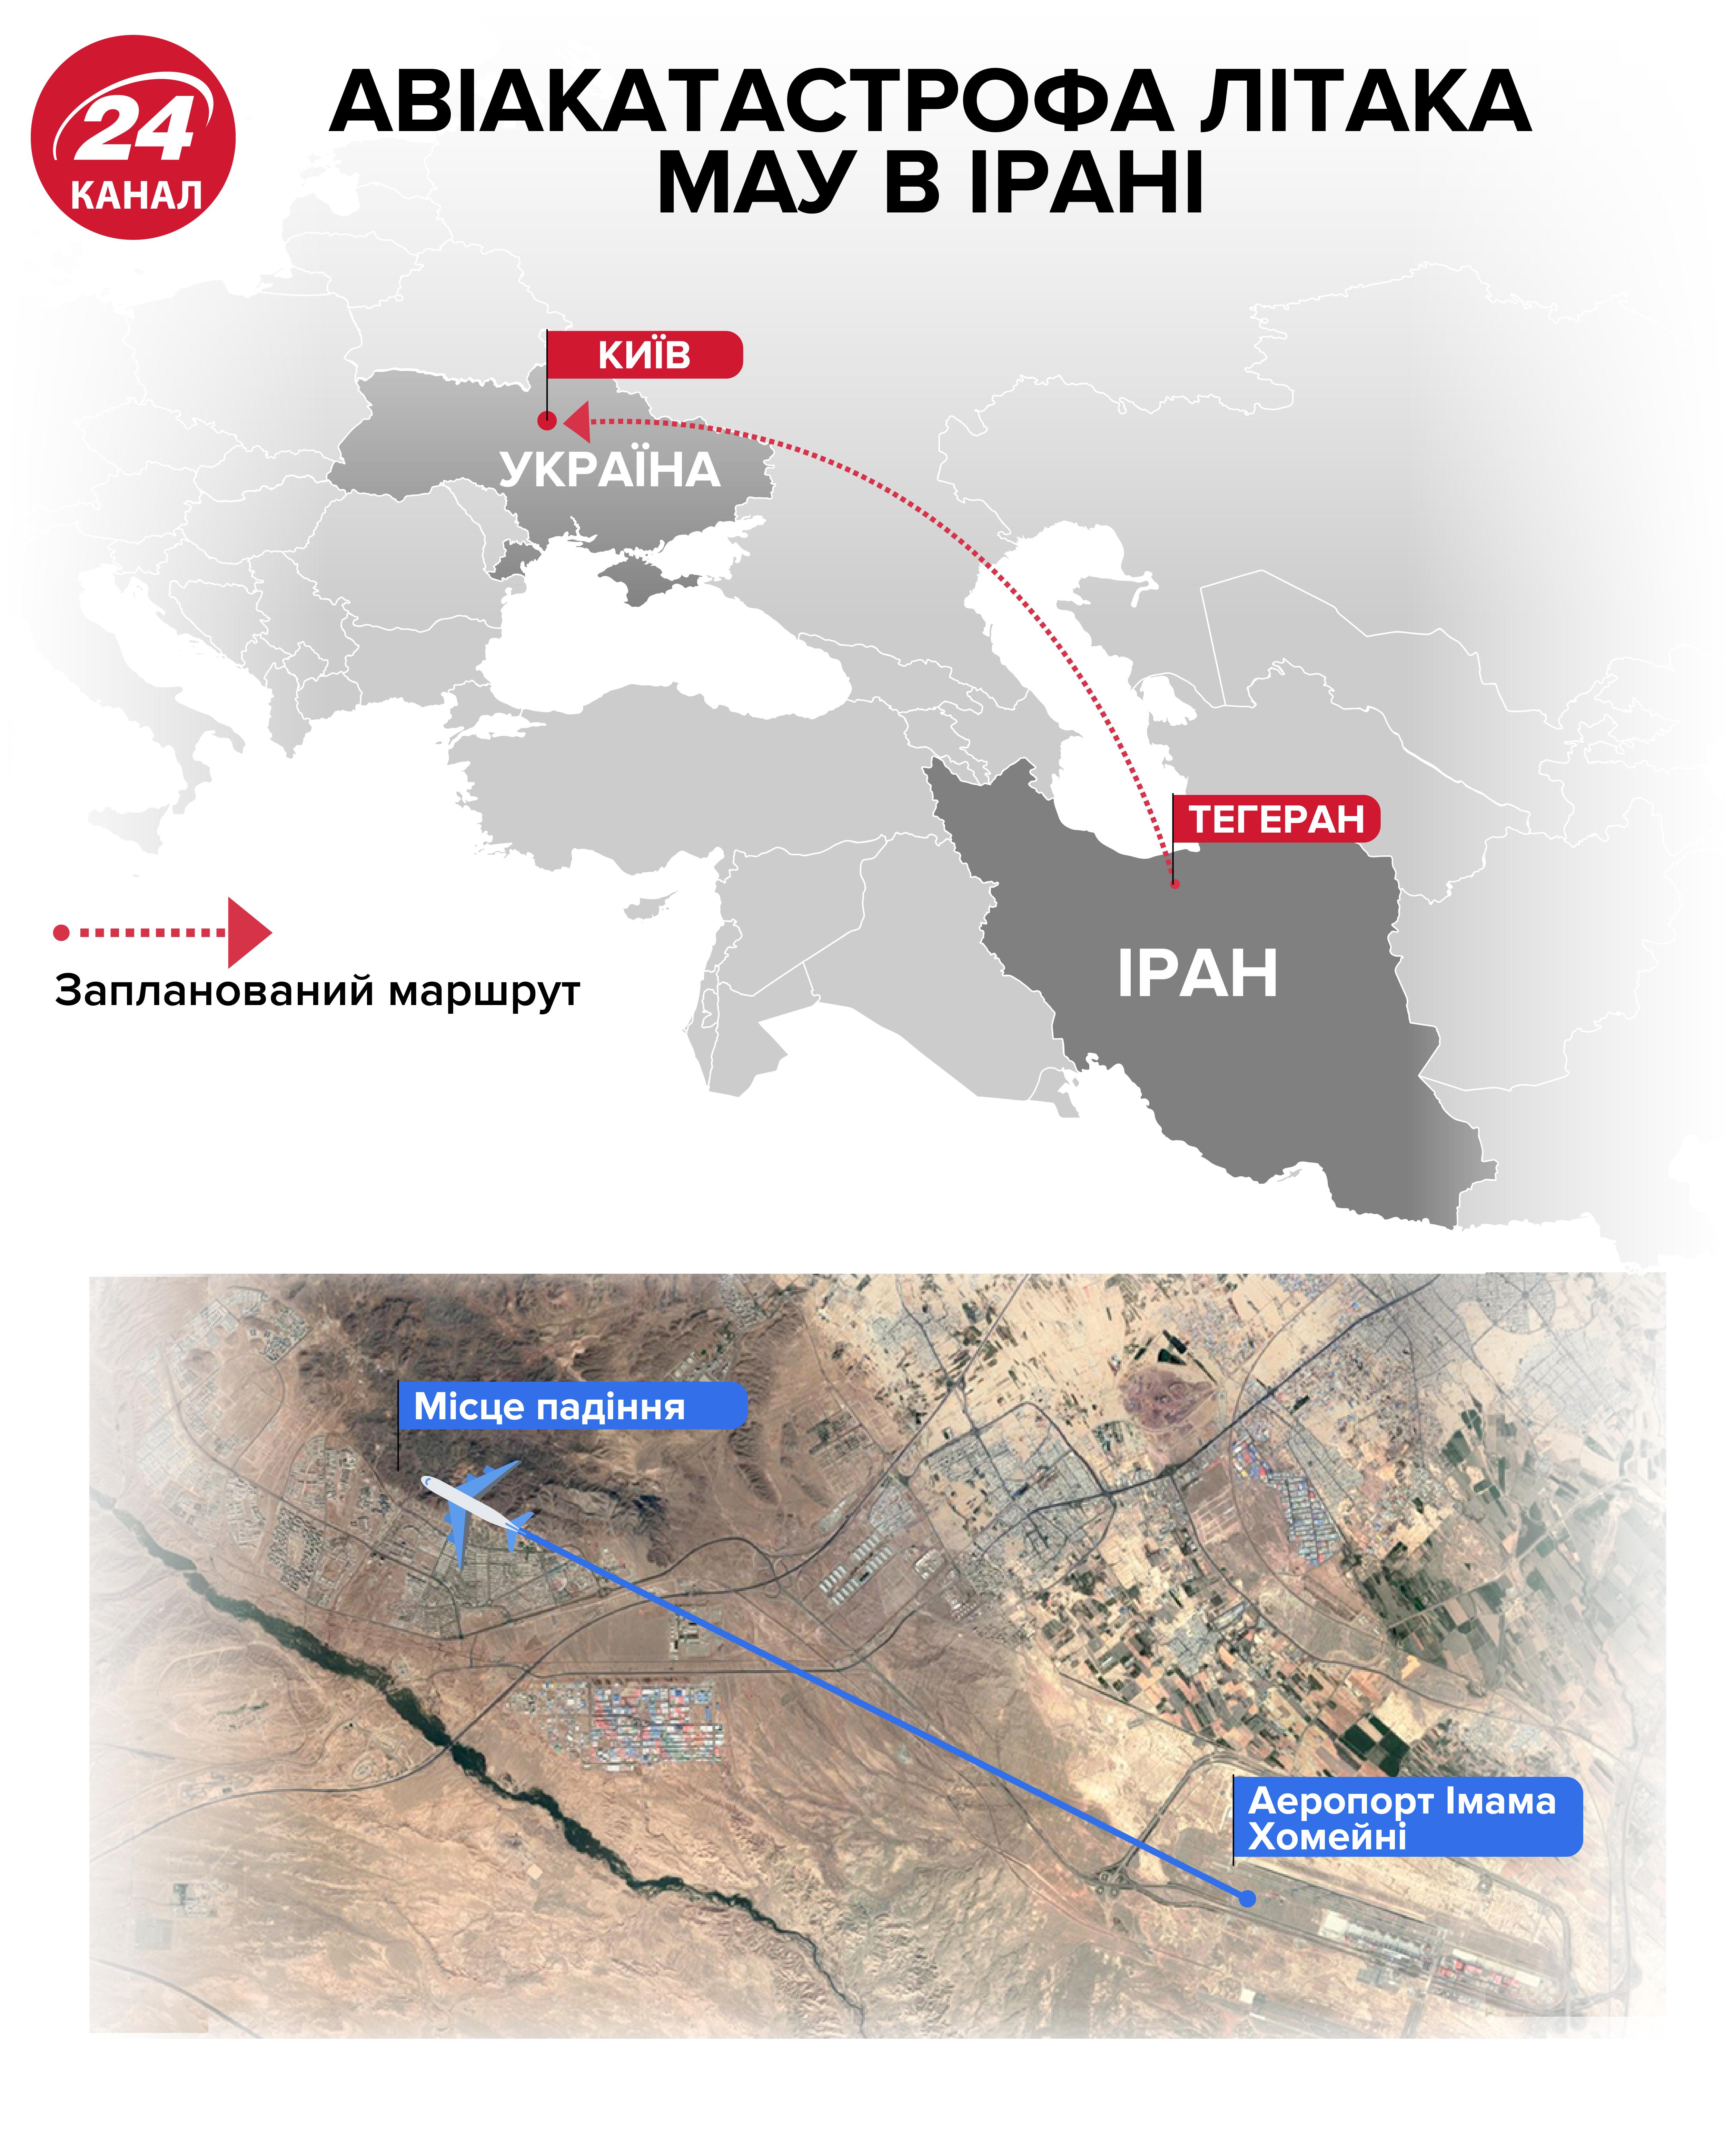 катастрофа літака МАУ Іран карта падіння літака